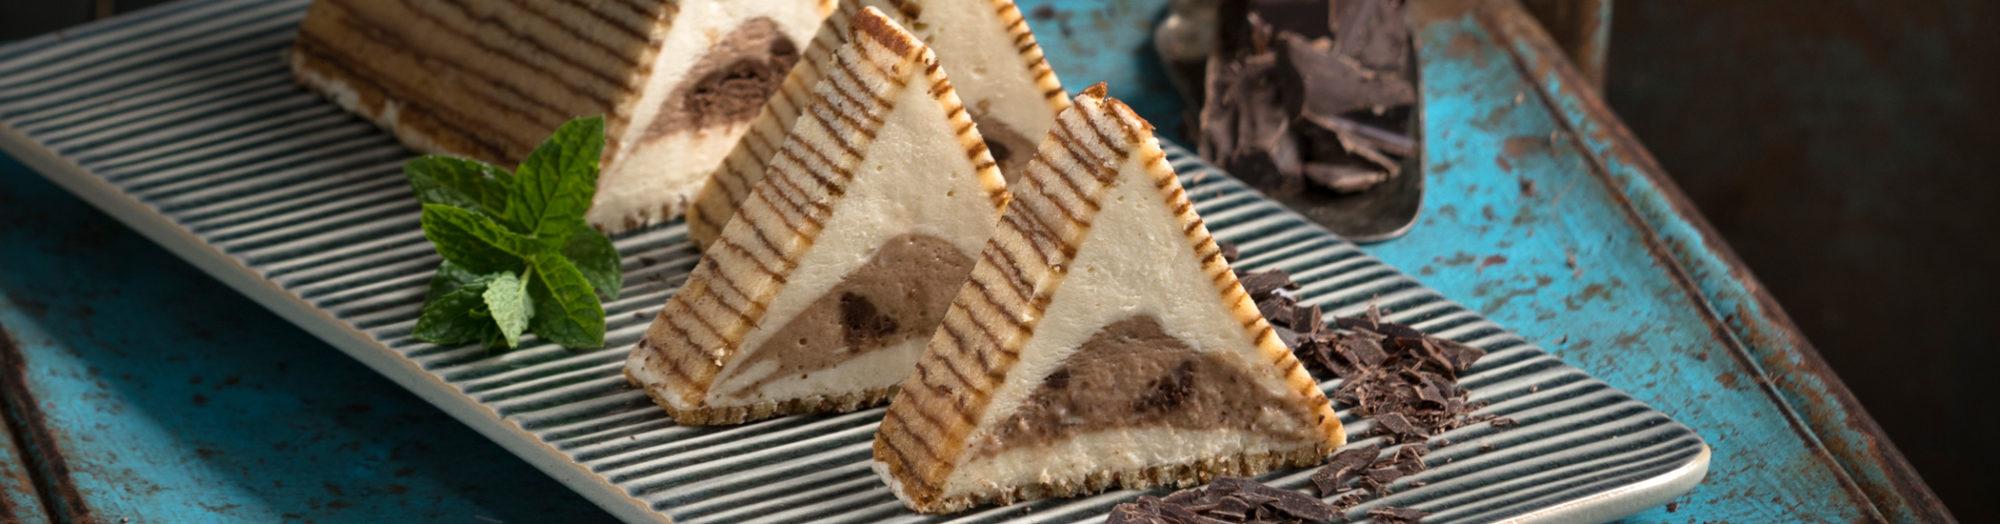 Dessert - Bonnevit Feinbäckerei